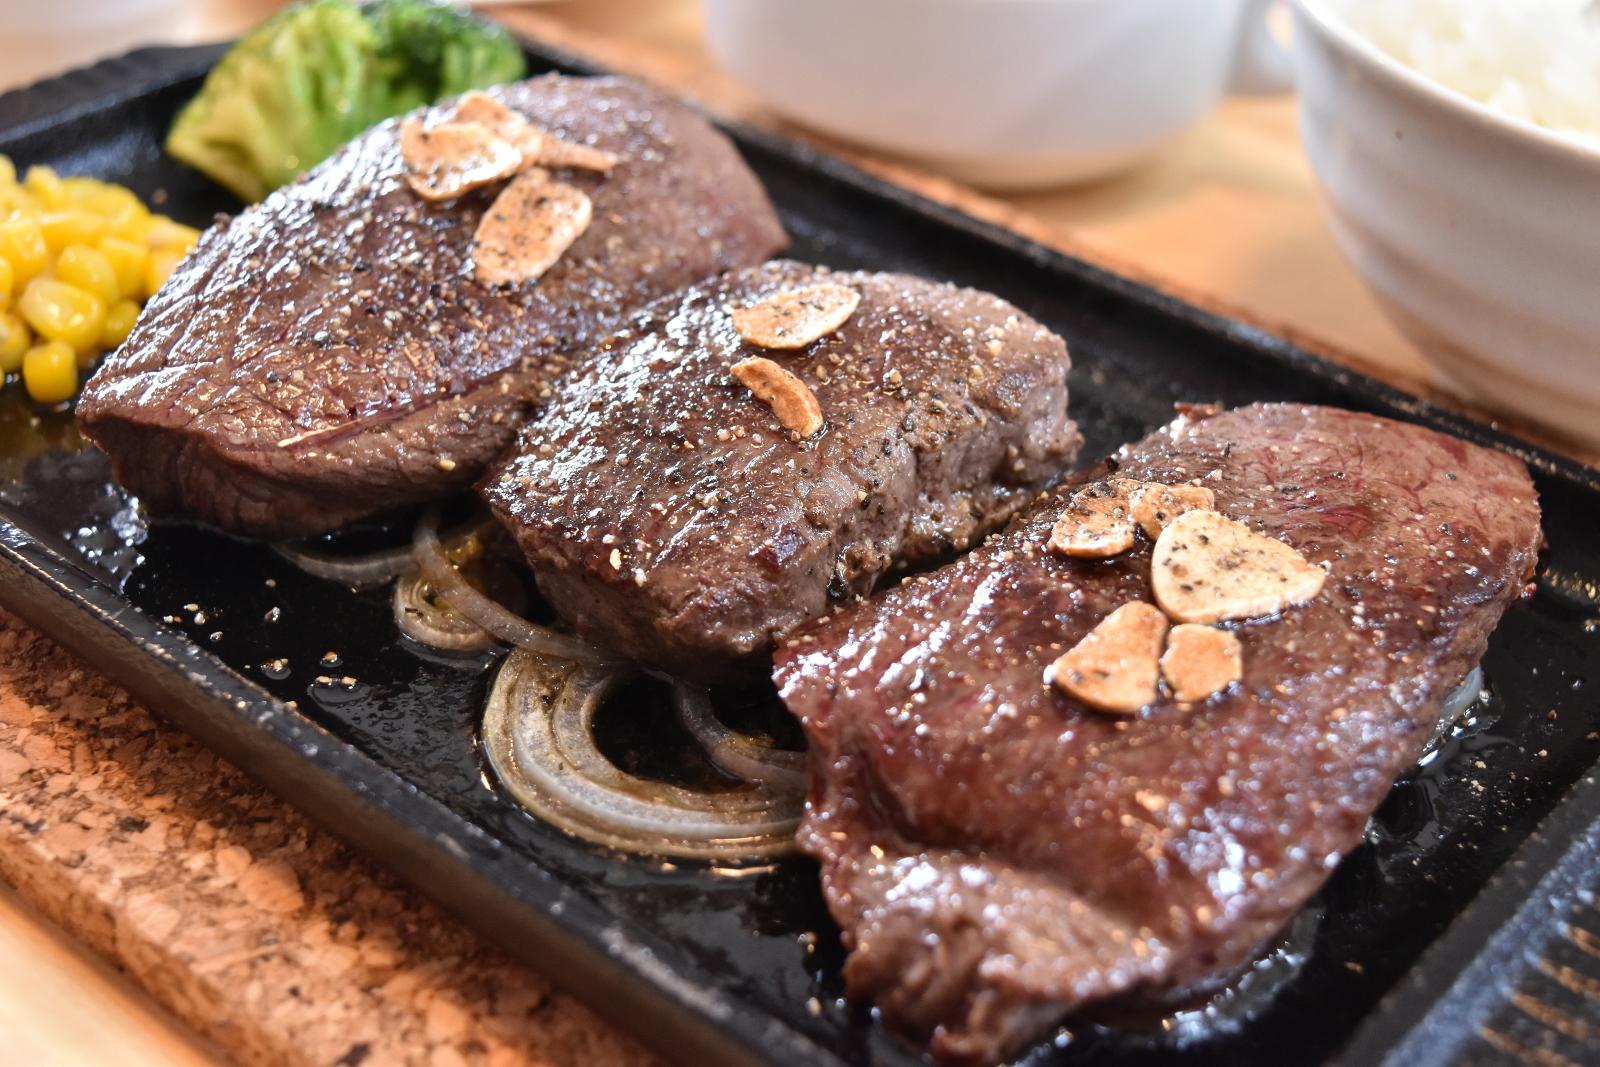 命の尊さを伝えるジビエ専門店―北広島「シカ肉レストランあぷかの森」